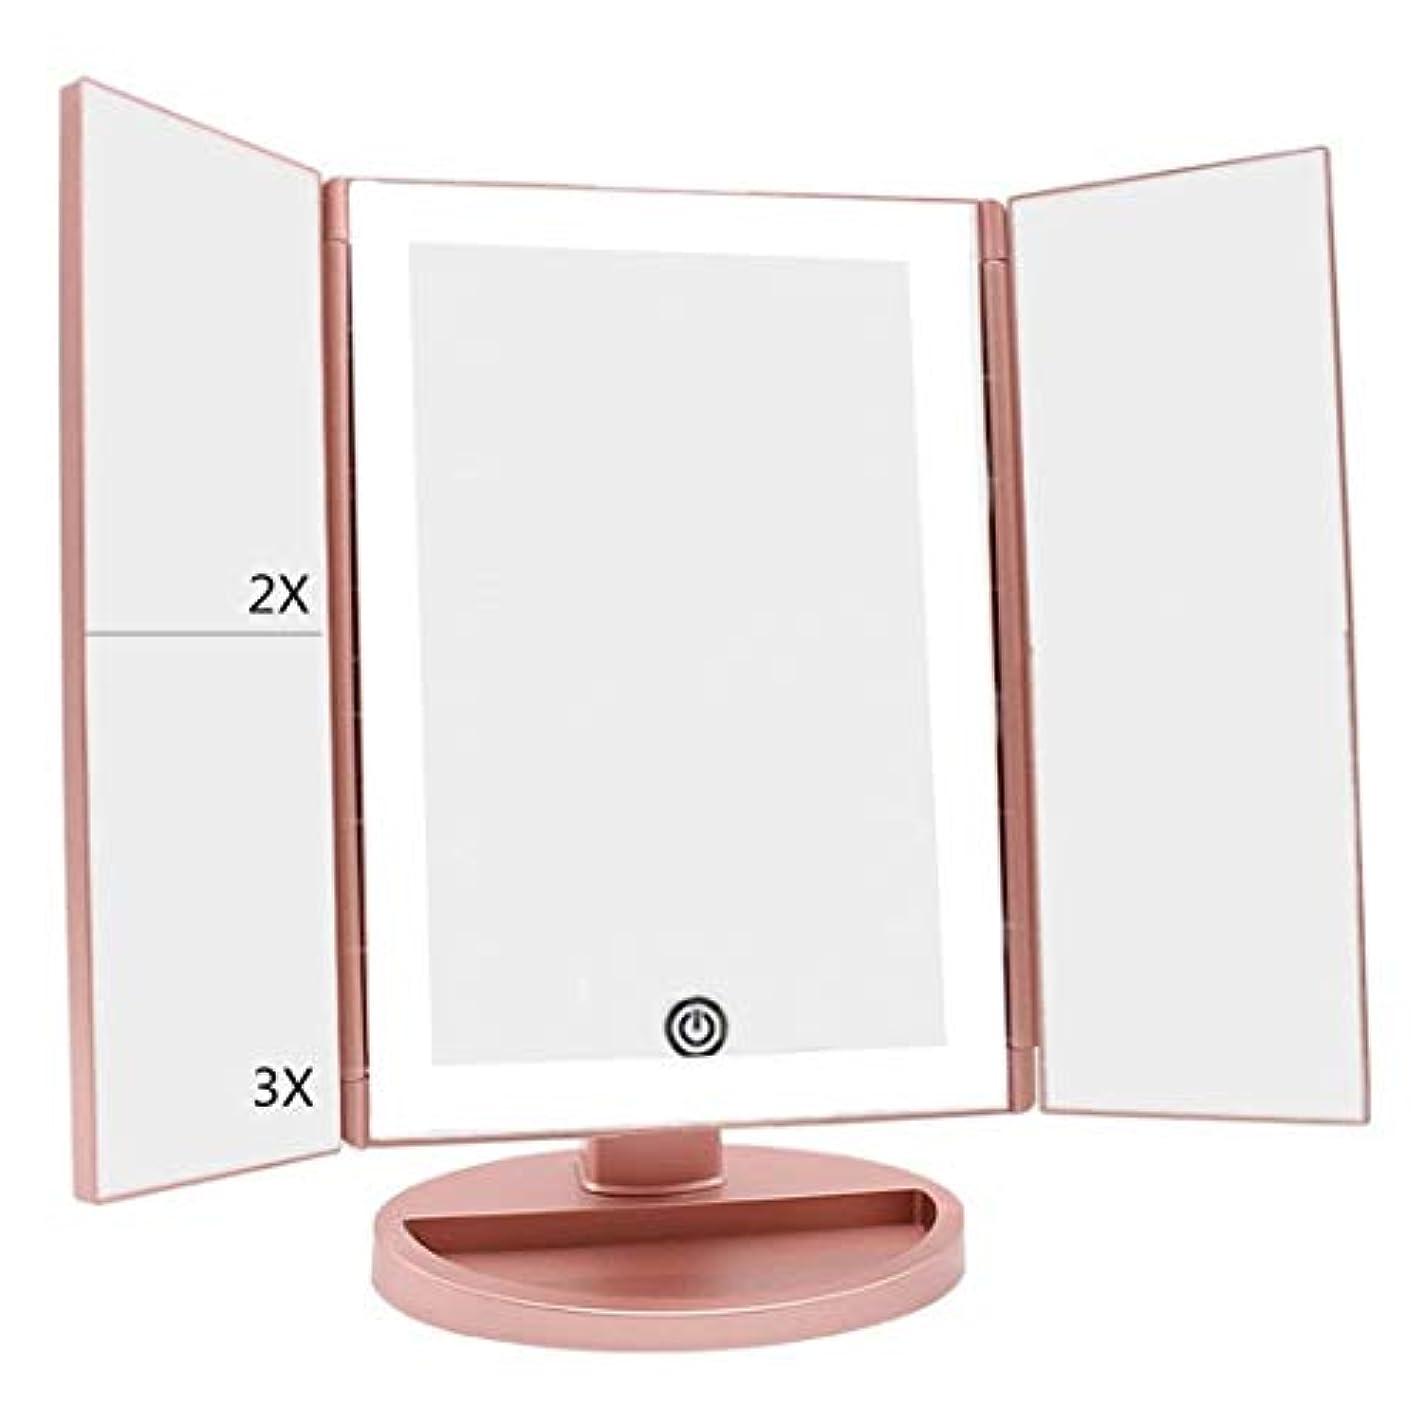 エキスパート請求可能ミリメーターDeWEISN 最新 36 タッチスクリーン調光および3倍/ 2倍/ 1倍 倍率ミラー180度自由に回転カウンター化粧鏡と自然 日光三つ折り点灯洗面化粧台化粧鏡を導きました ローズゴールド